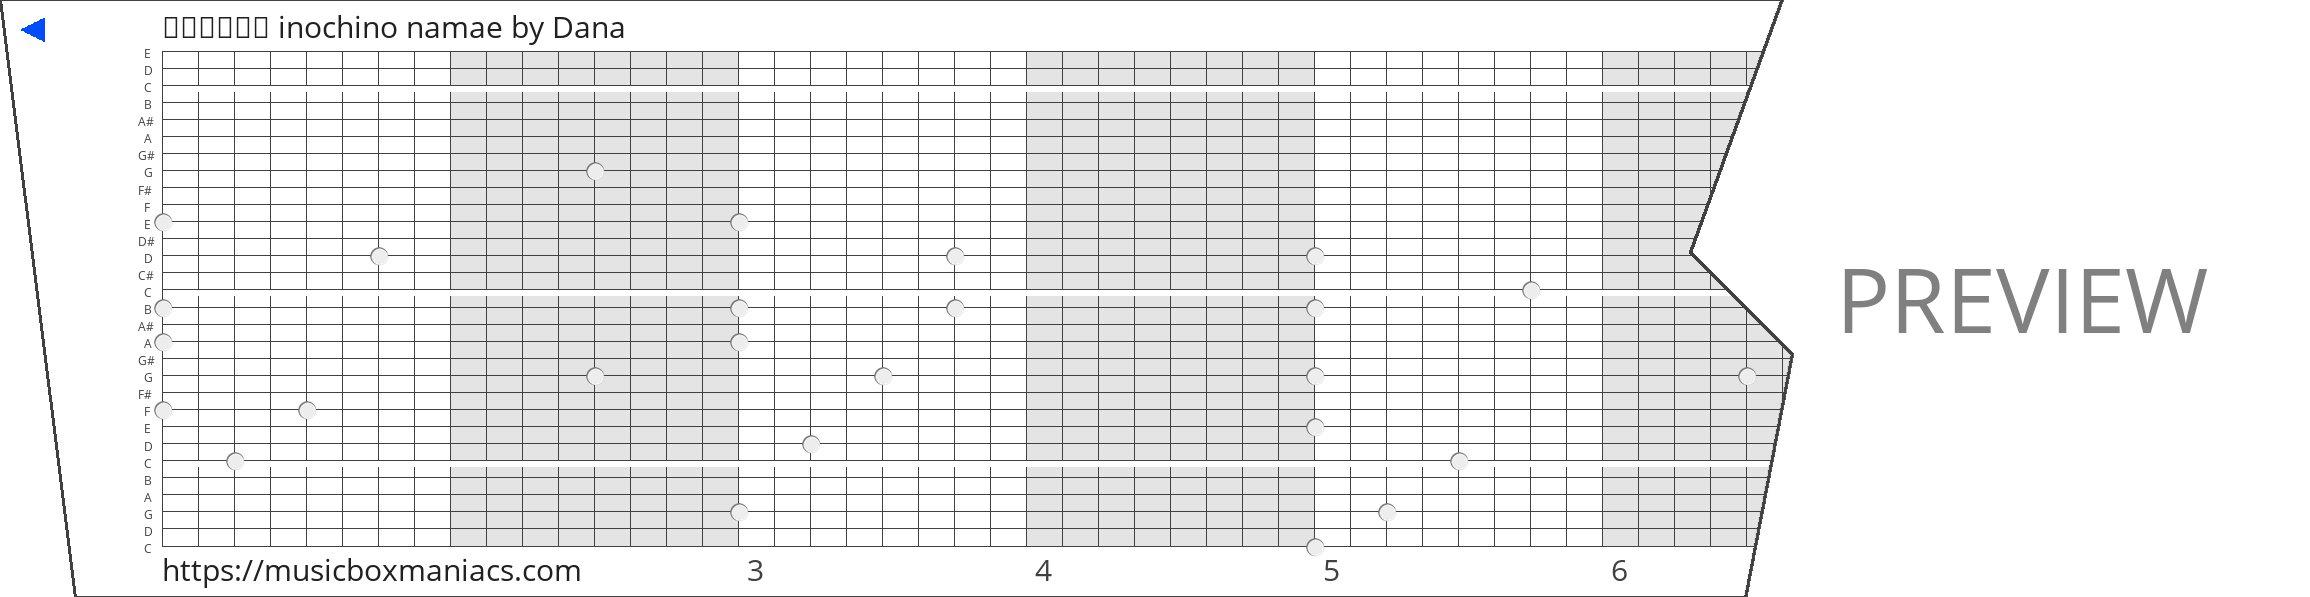 いのちの名前 inochino namae 30 note music box paper strip